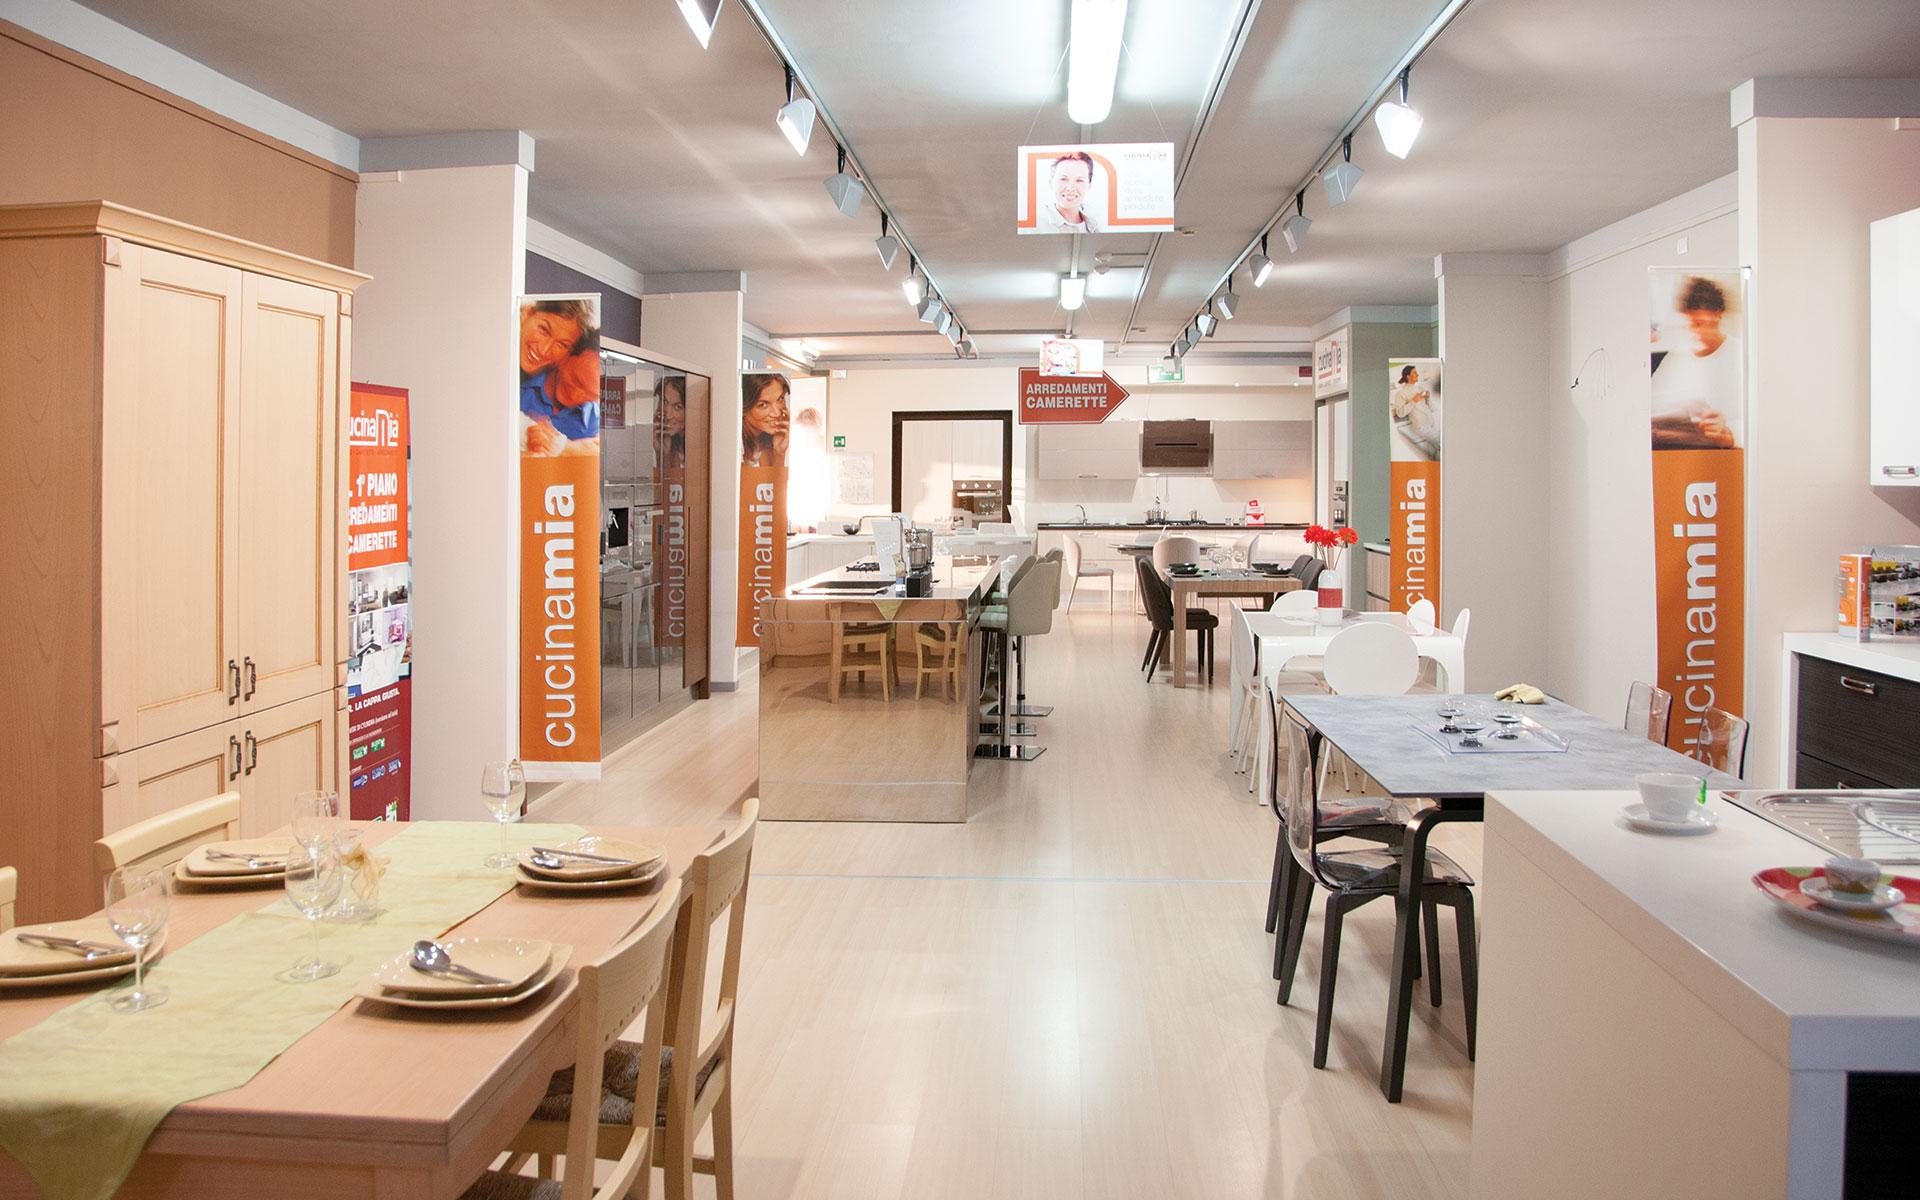 Centro arredamenti napoli simple camerette oscar with for Casa italia arredamenti napoli